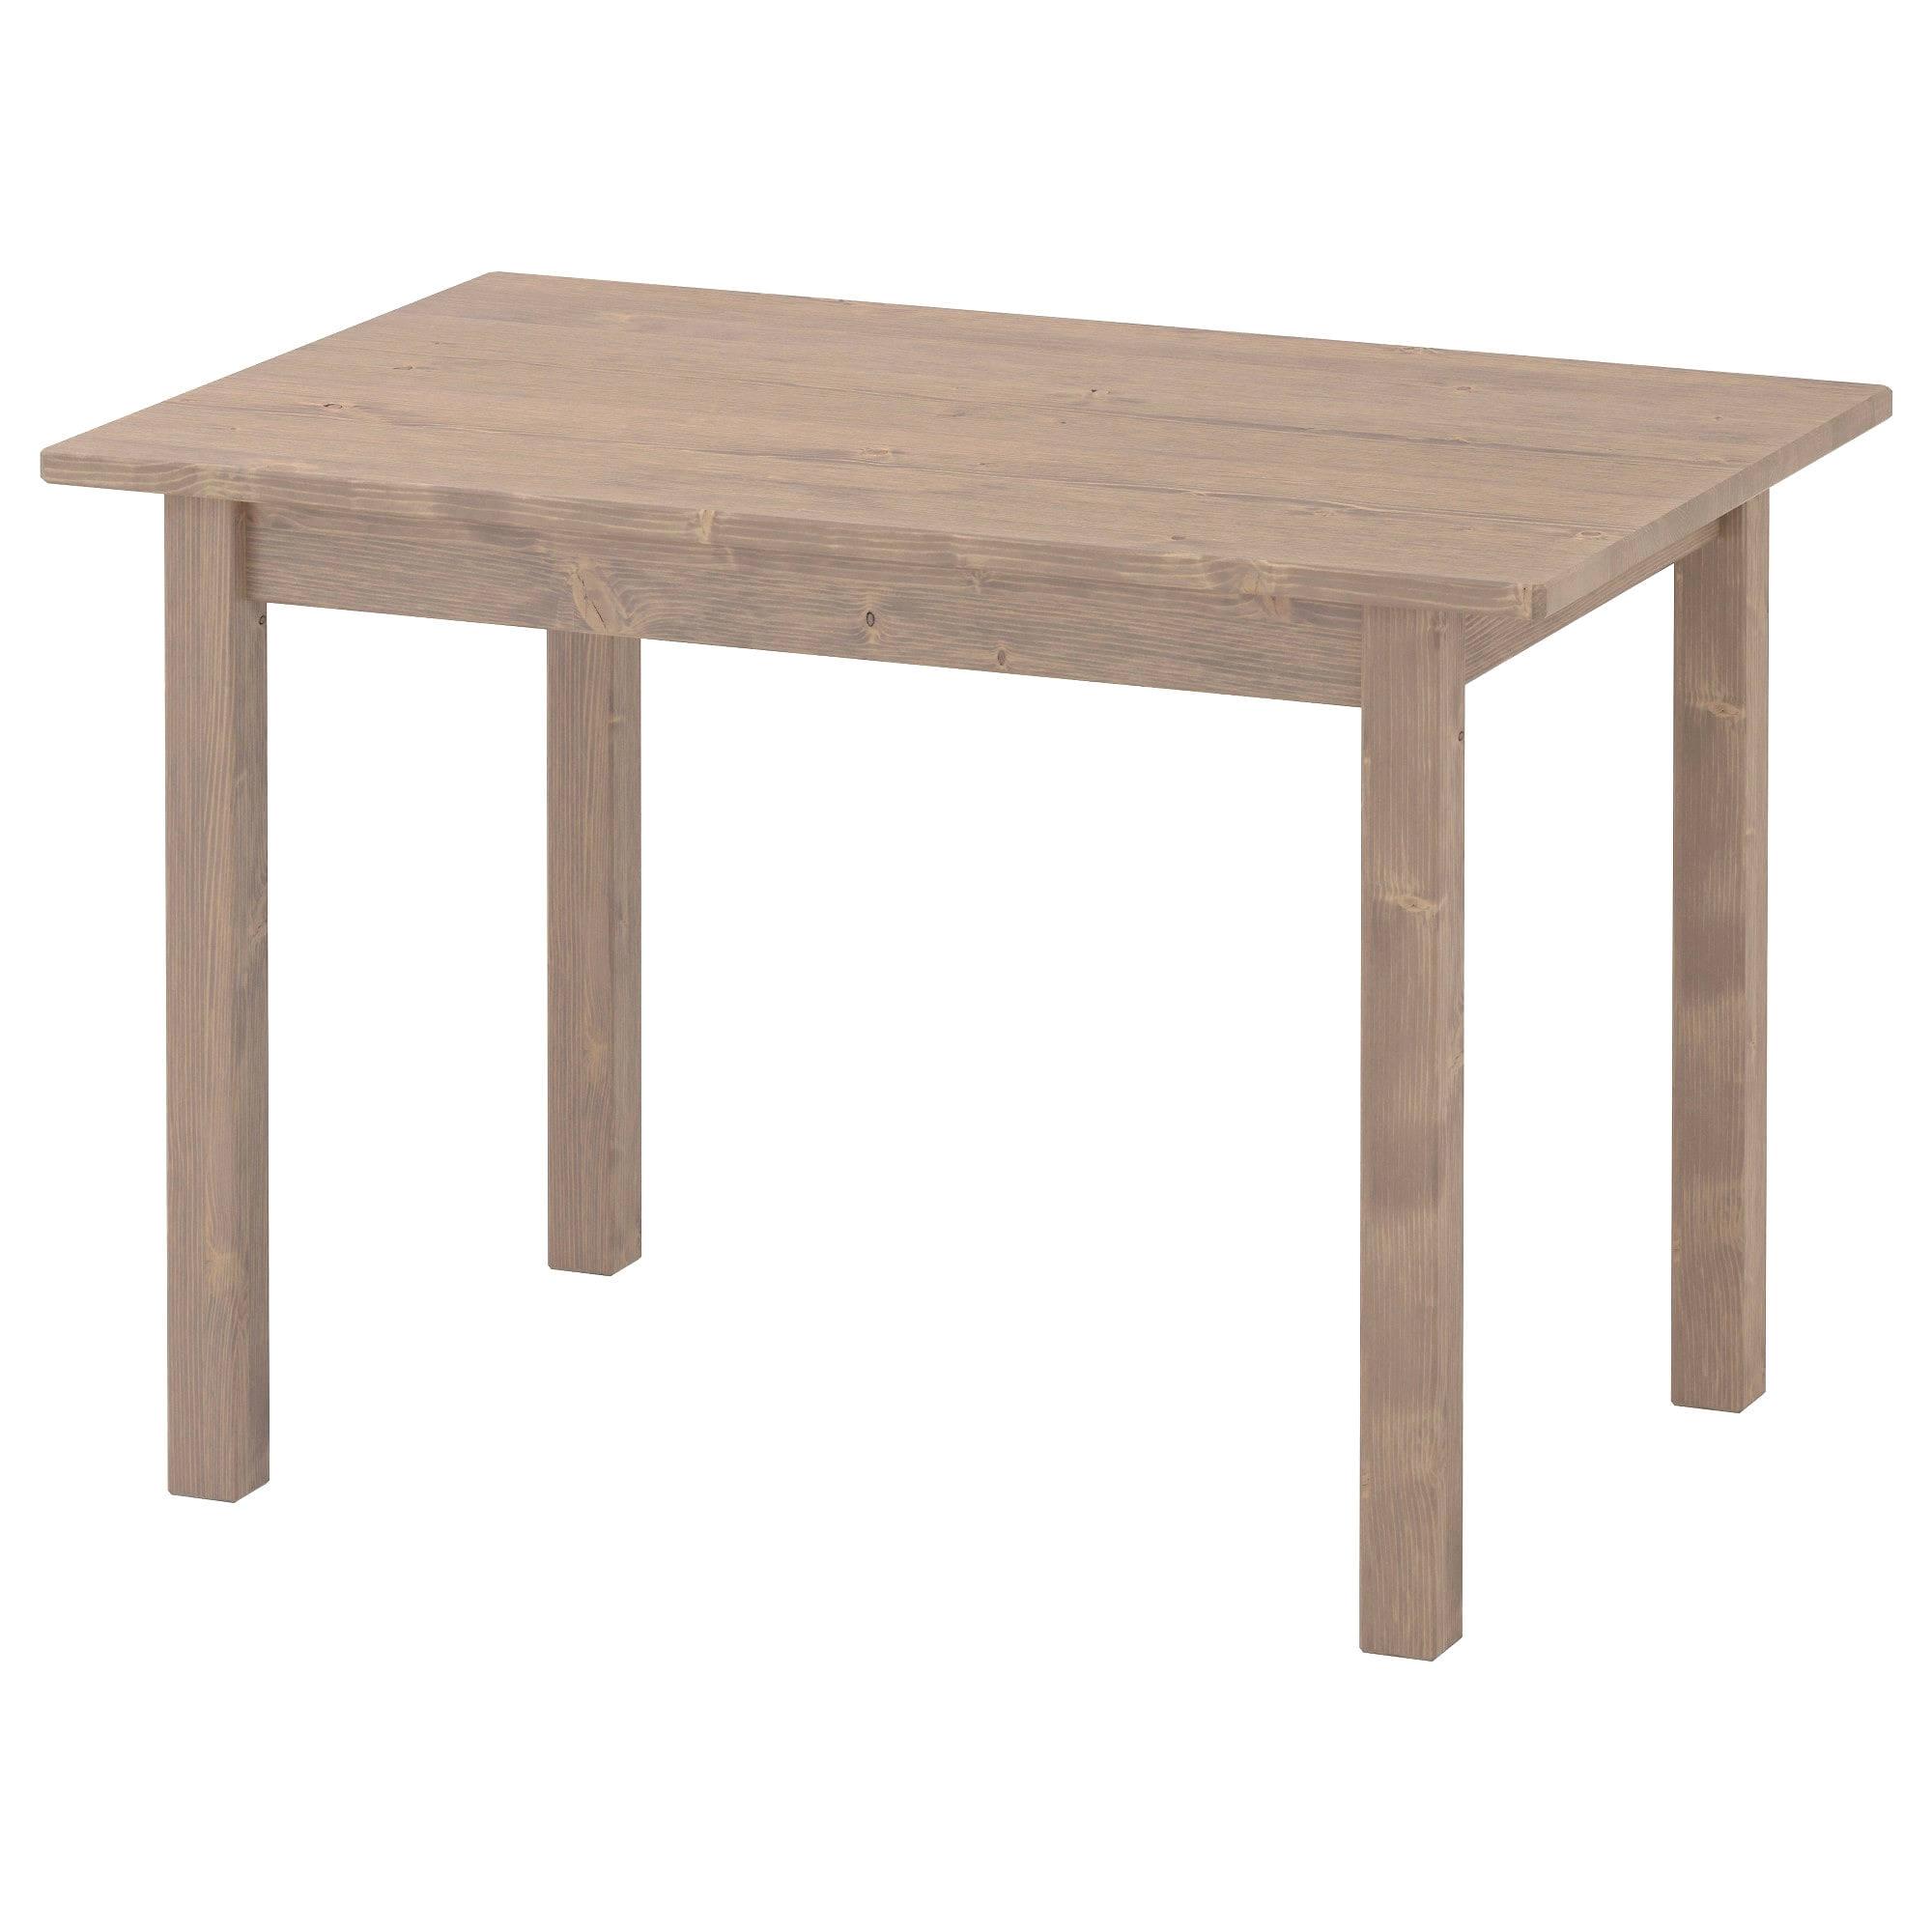 adjustable height coffee table ikea new sundvik ikea